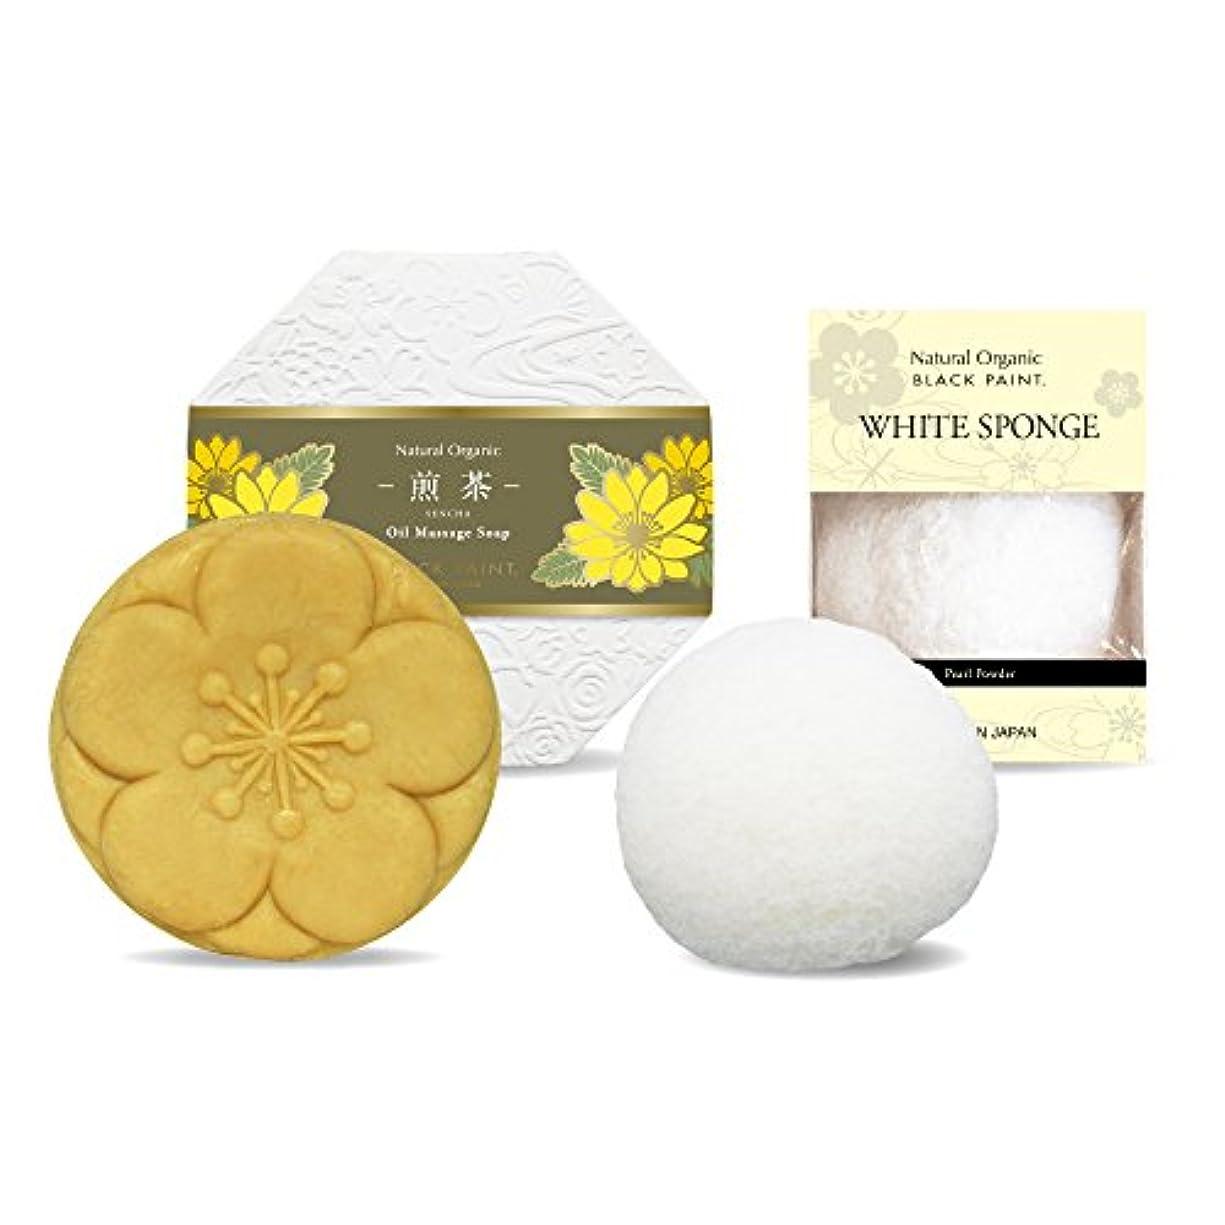 排泄物おじいちゃんアジア人京のお茶石鹸 煎茶120g&ホワイトスポンジ 洗顔セット